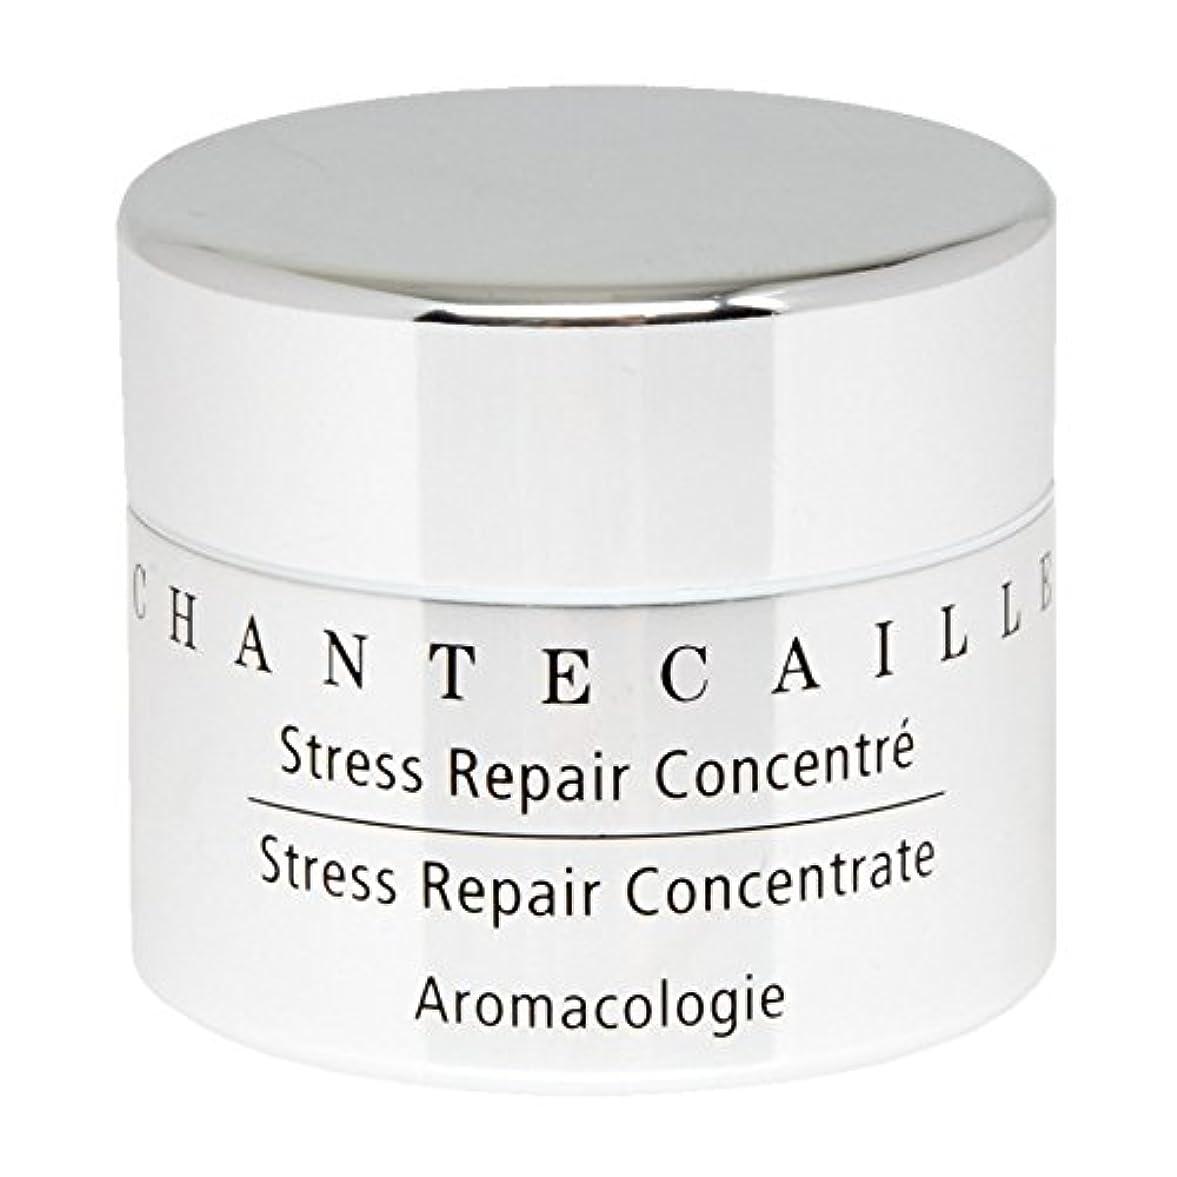 悩む蛇行スーダンシャンテカイユストレス修復濃縮15ミリリットル x4 - Chantecaille Stress Repair Concentrate 15ml (Pack of 4) [並行輸入品]